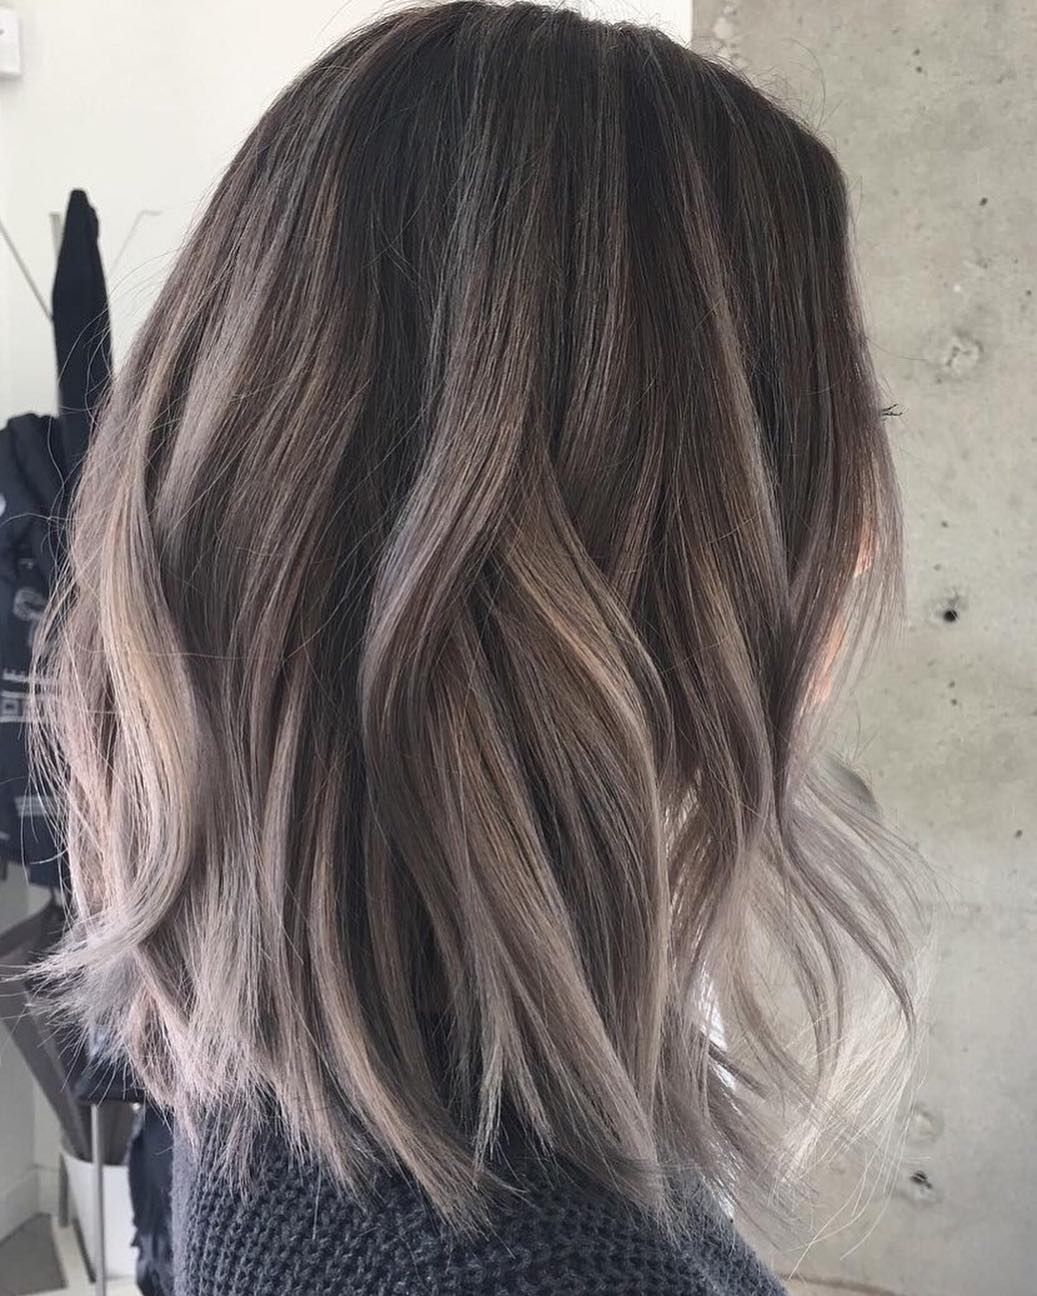 10 Medium Length Hair Color Ideas 2020 Hair Styles Medium Hair Color Medium Length Hair Styles